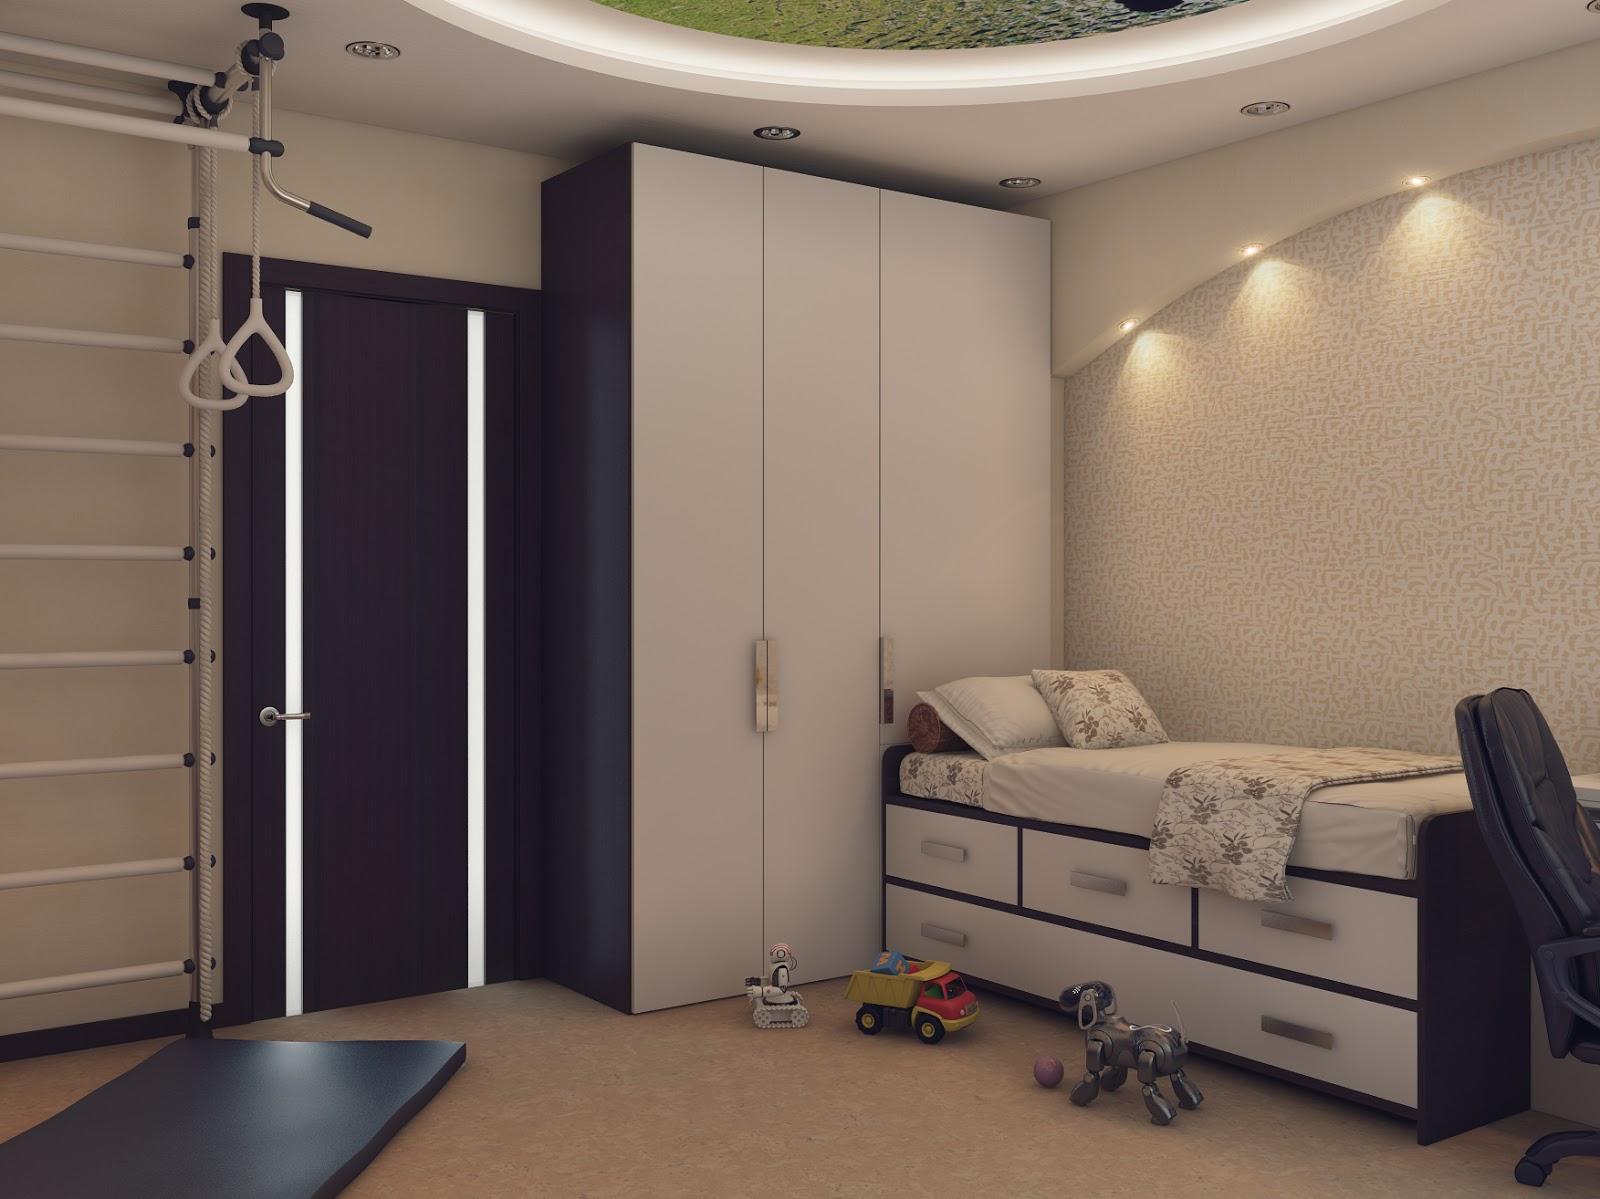 необычная детская спальня для ребенка фото